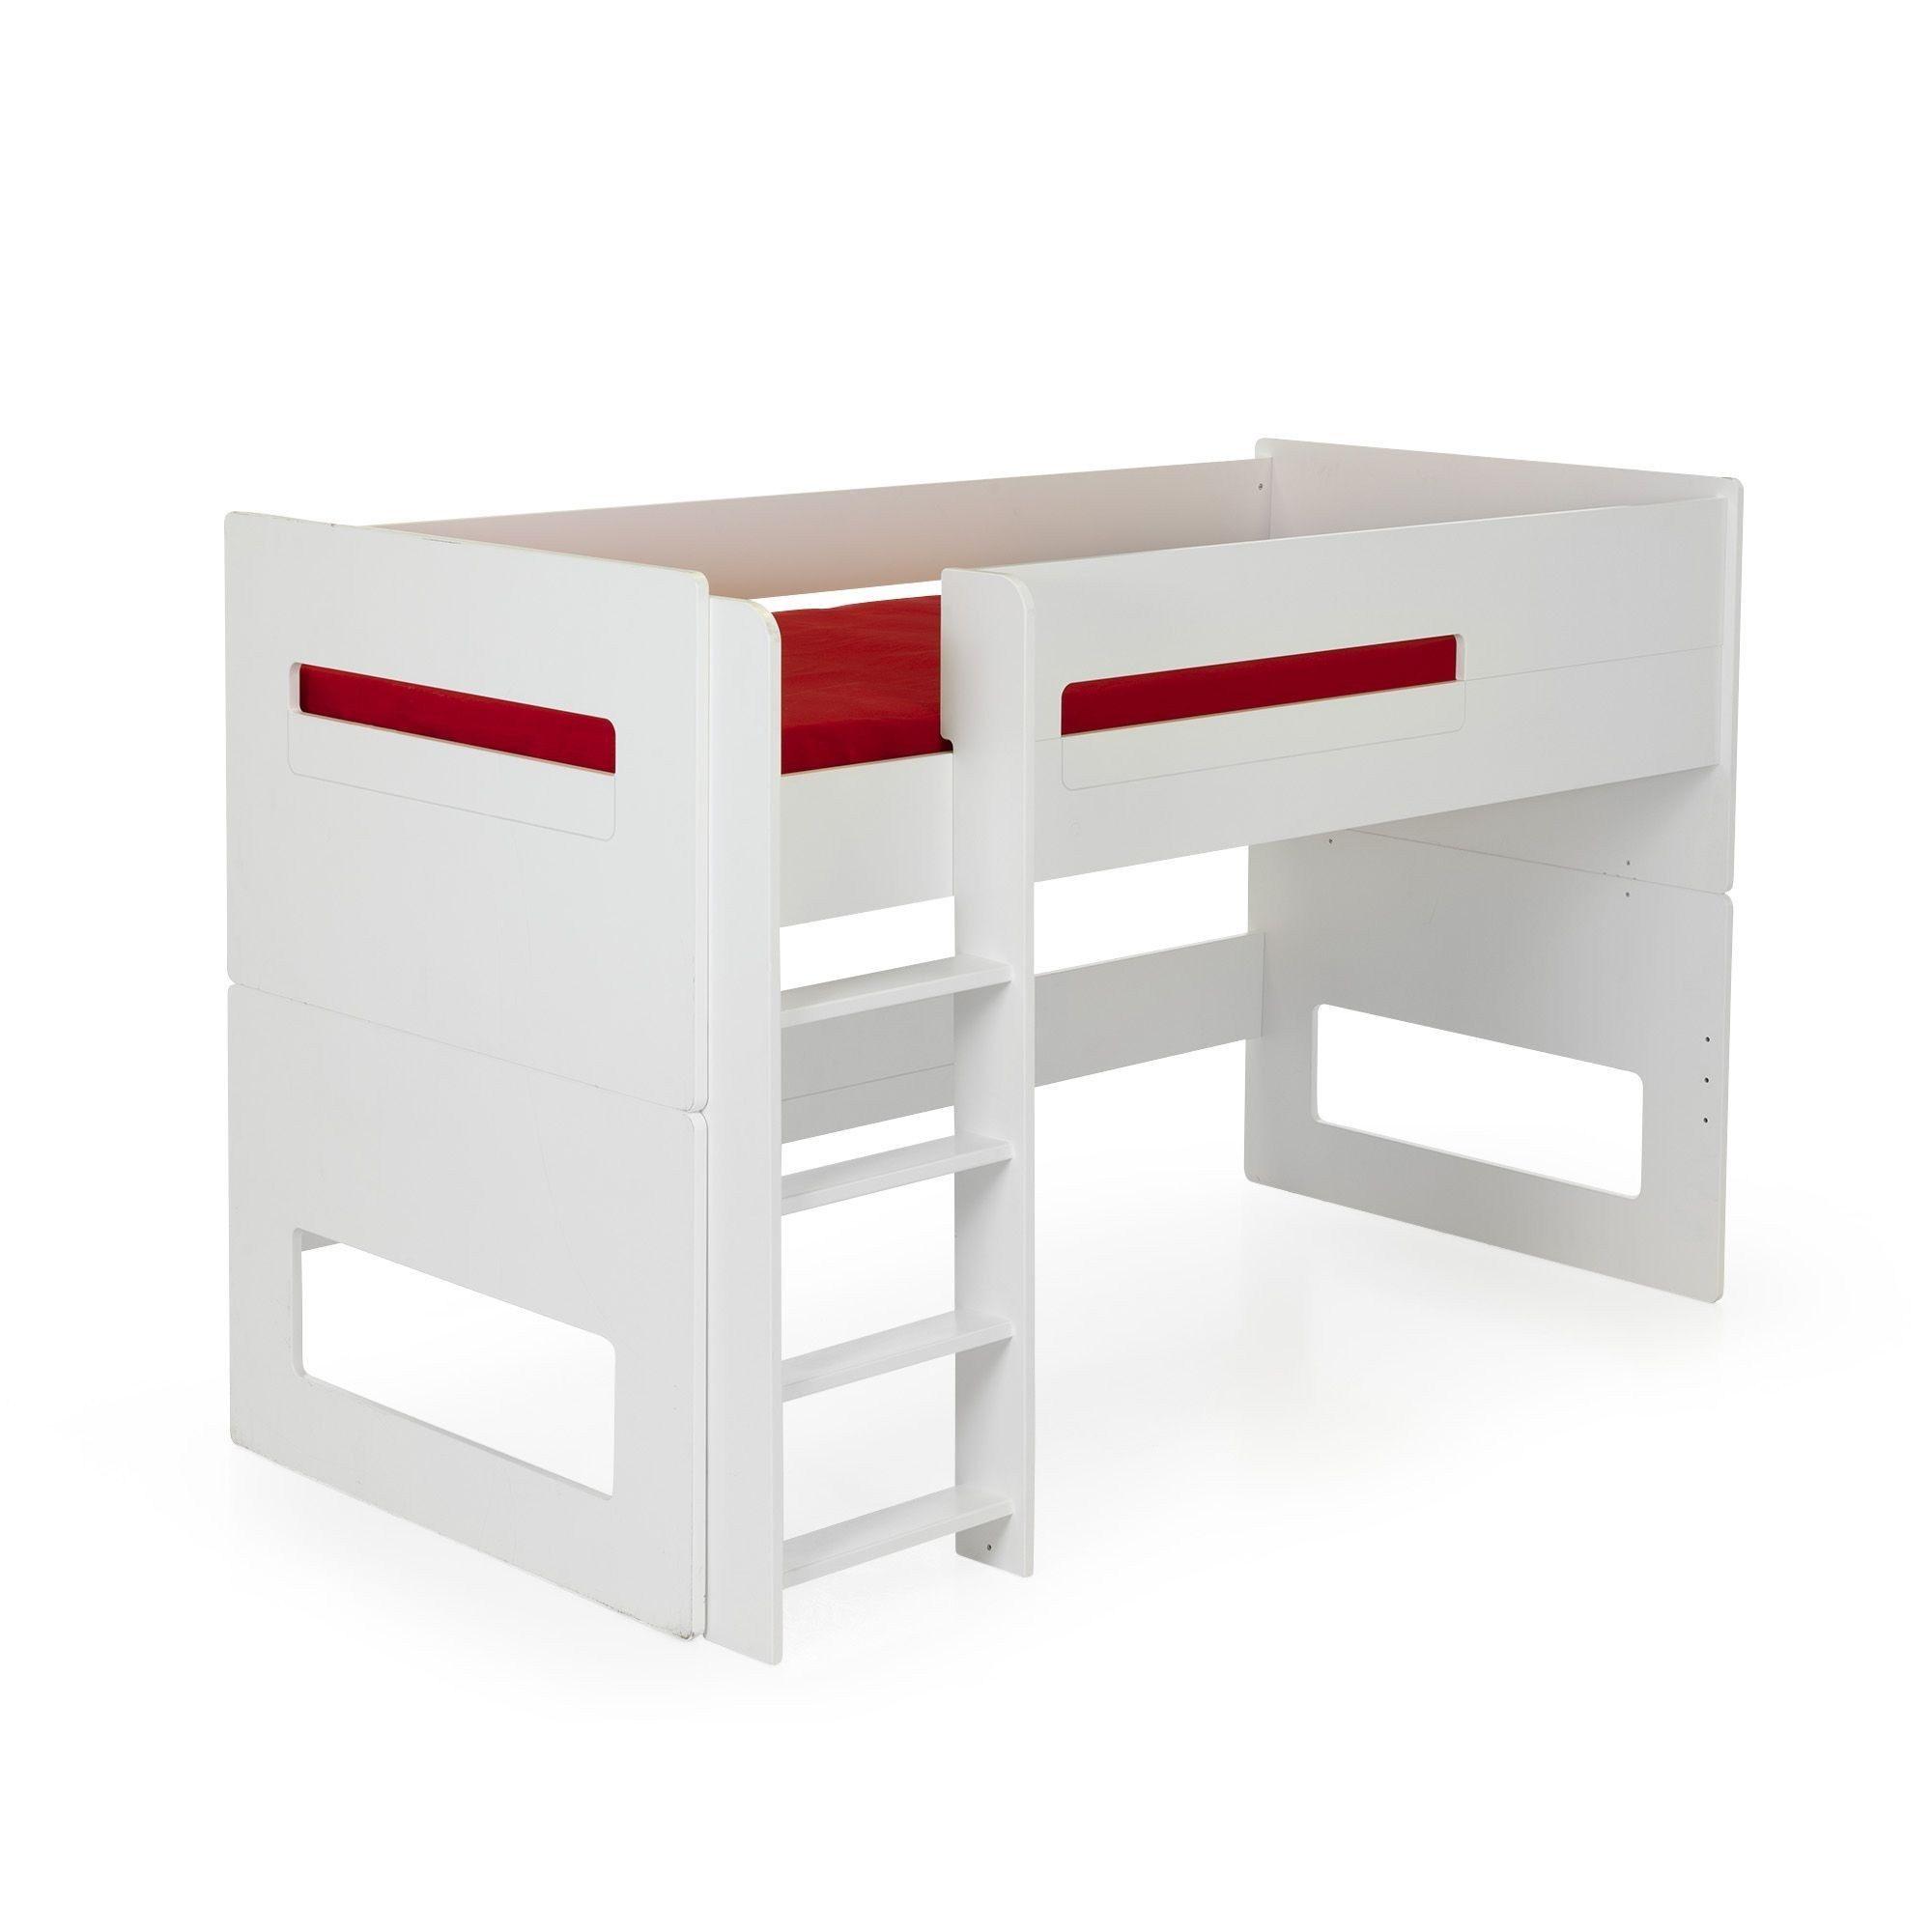 Ikea Lit Surélevé Magnifique Lit En Hauteur Pas Cher